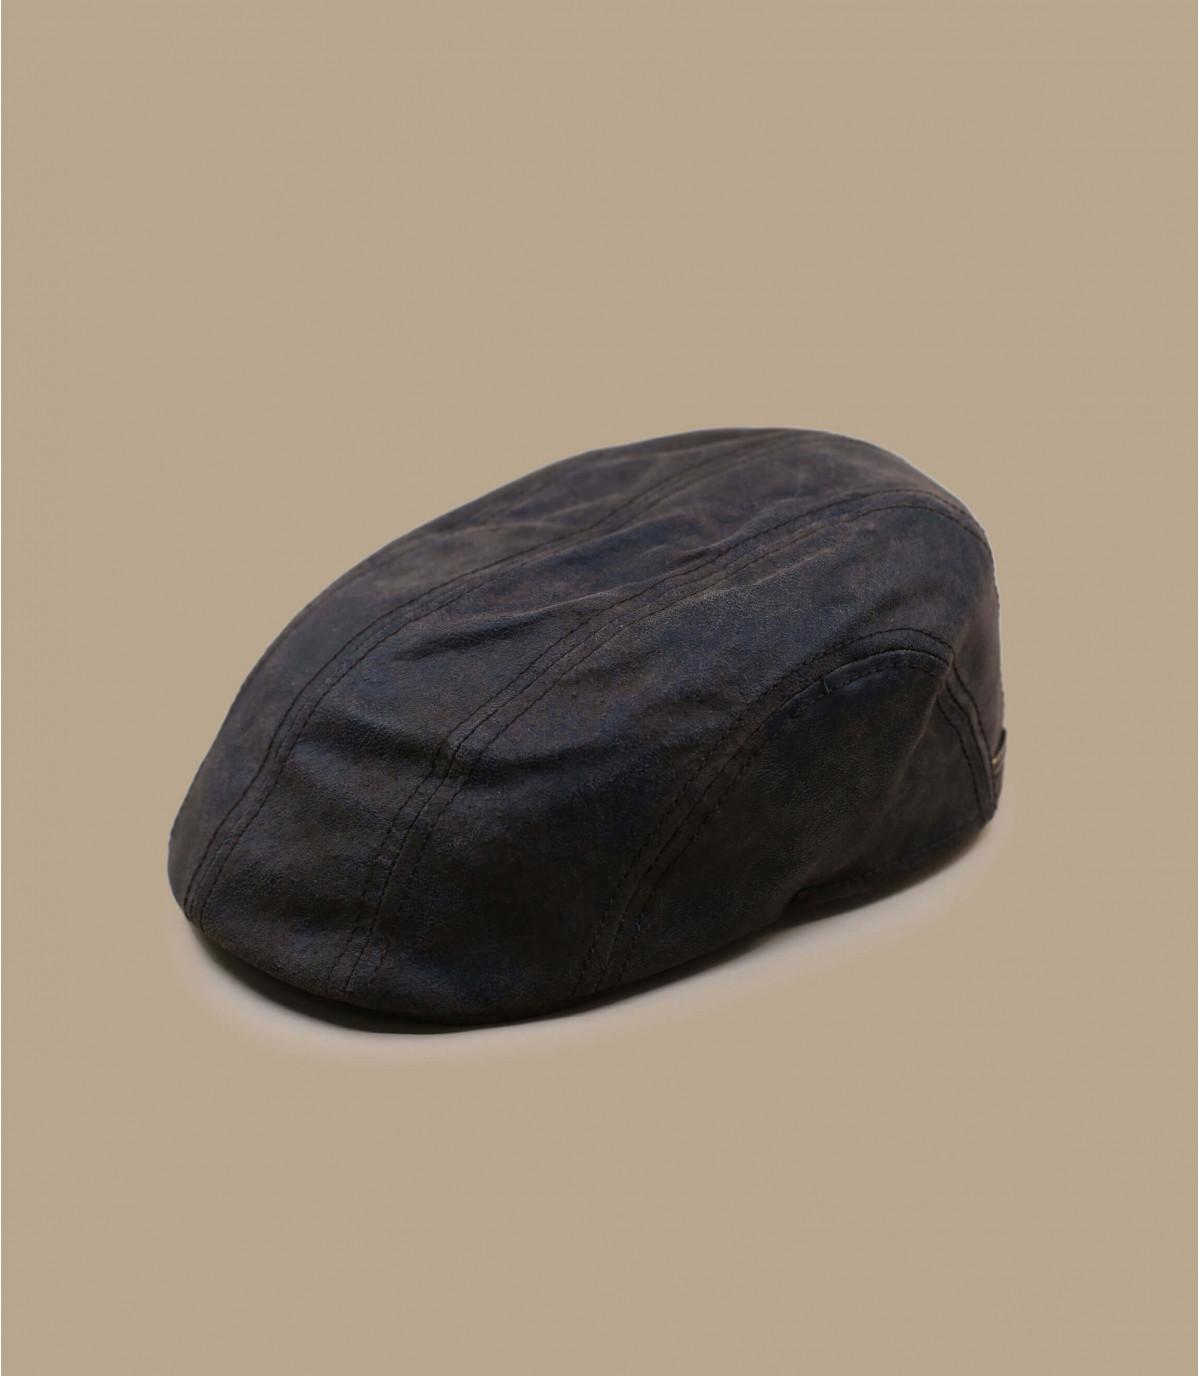 Gorra plate Stetson cuir